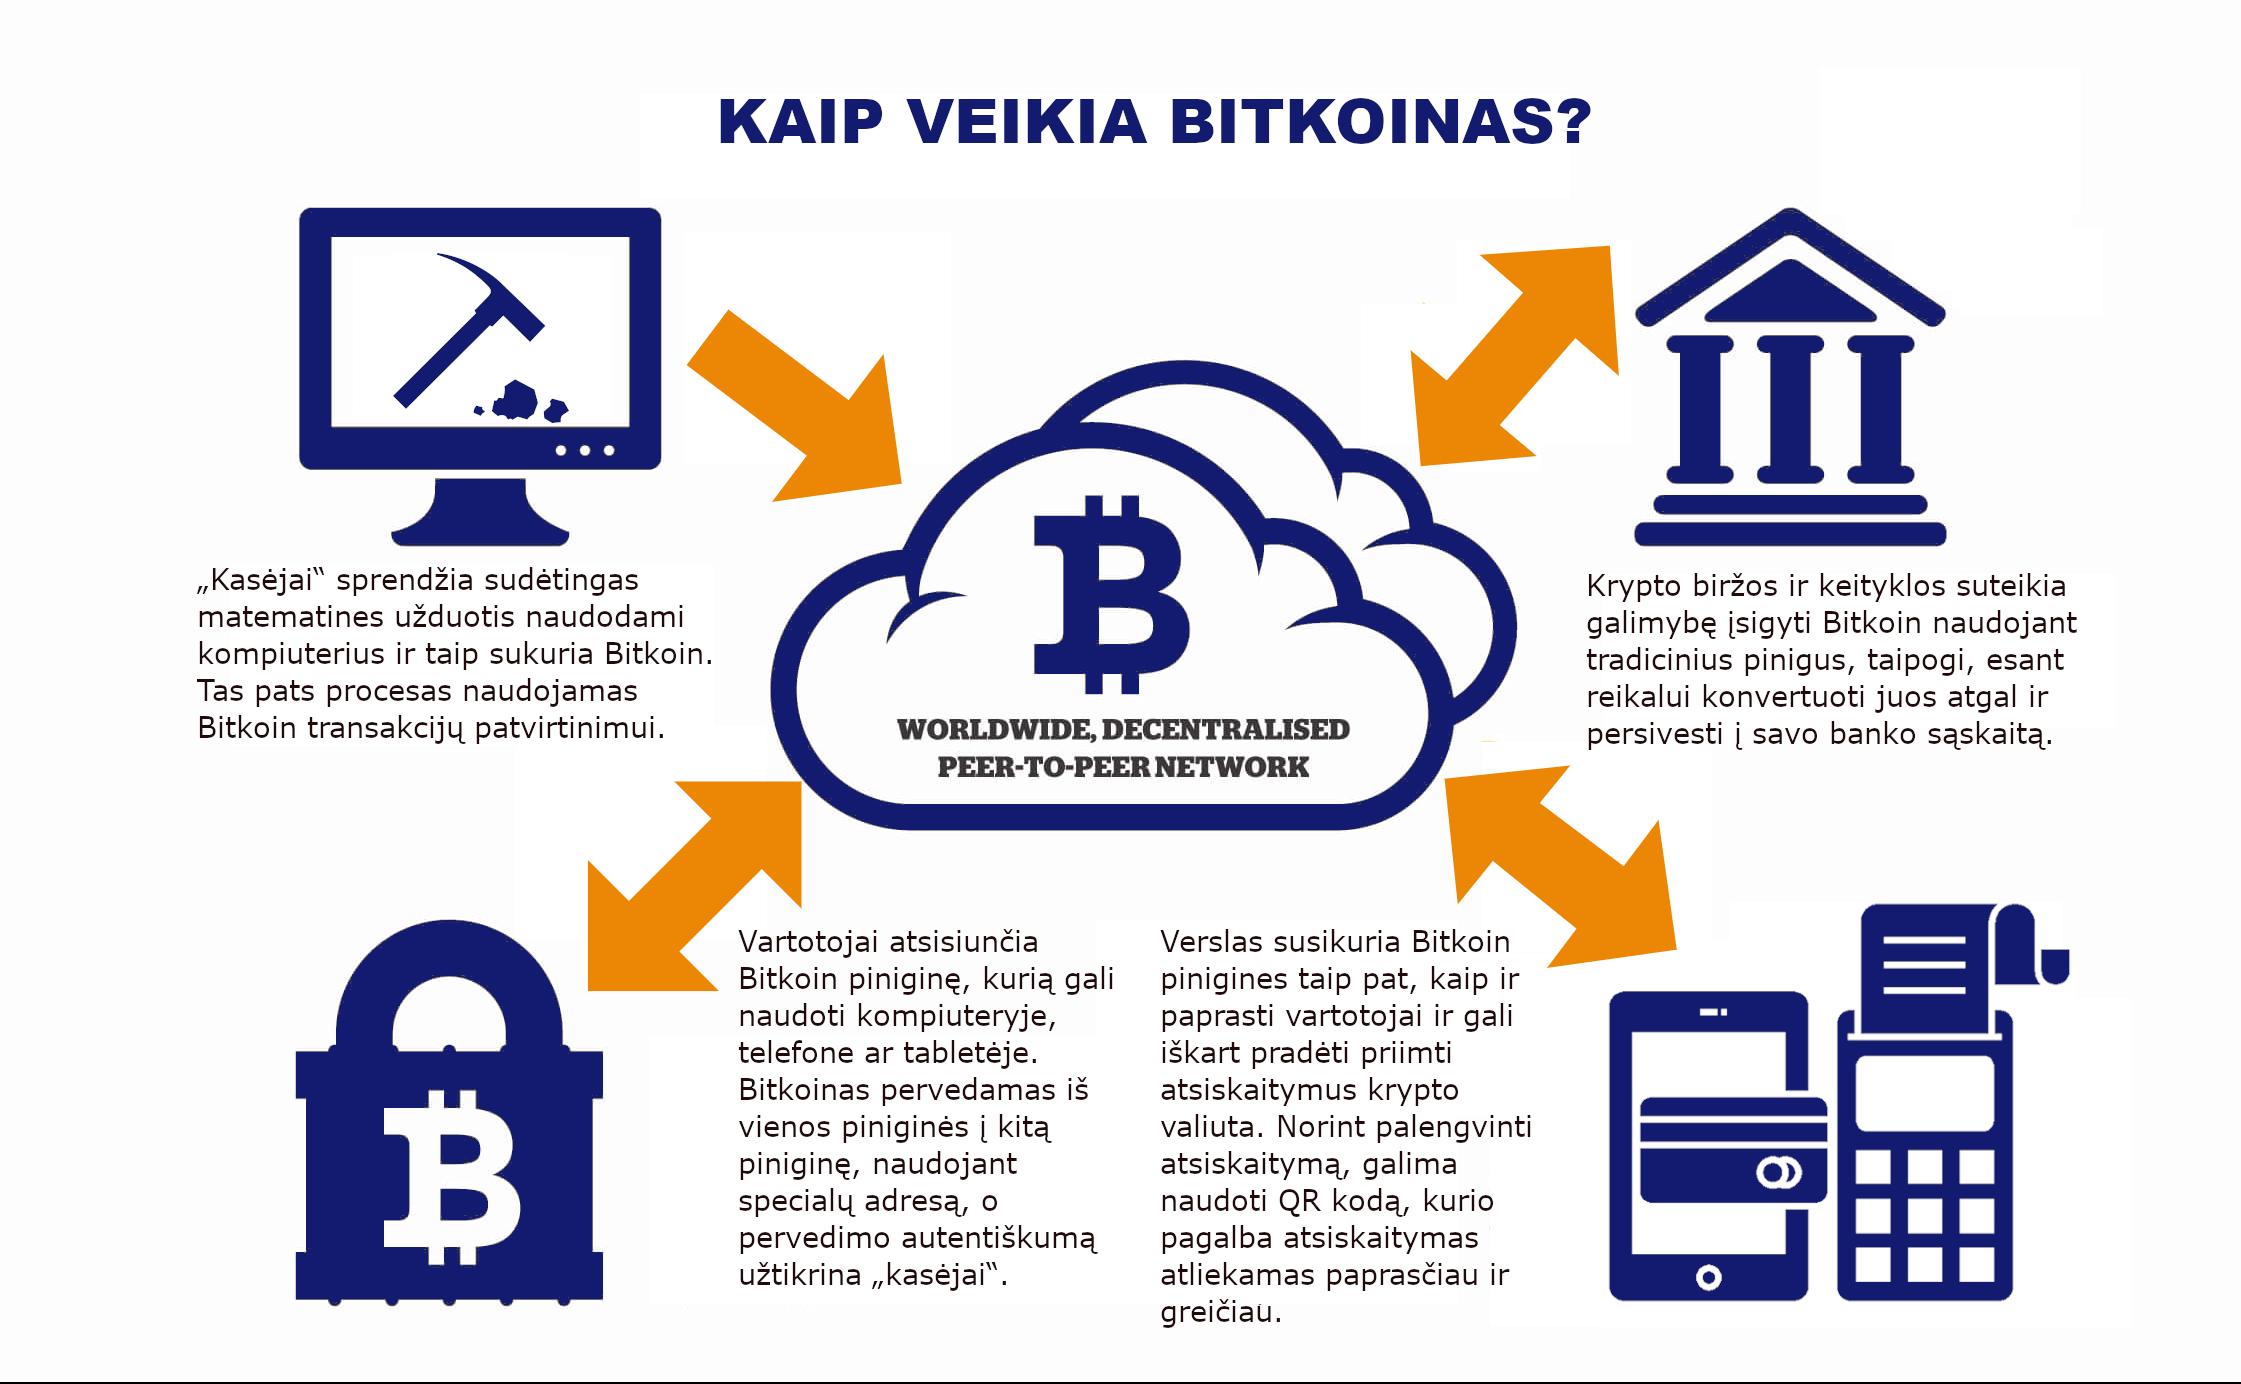 Bitkoinų eilė